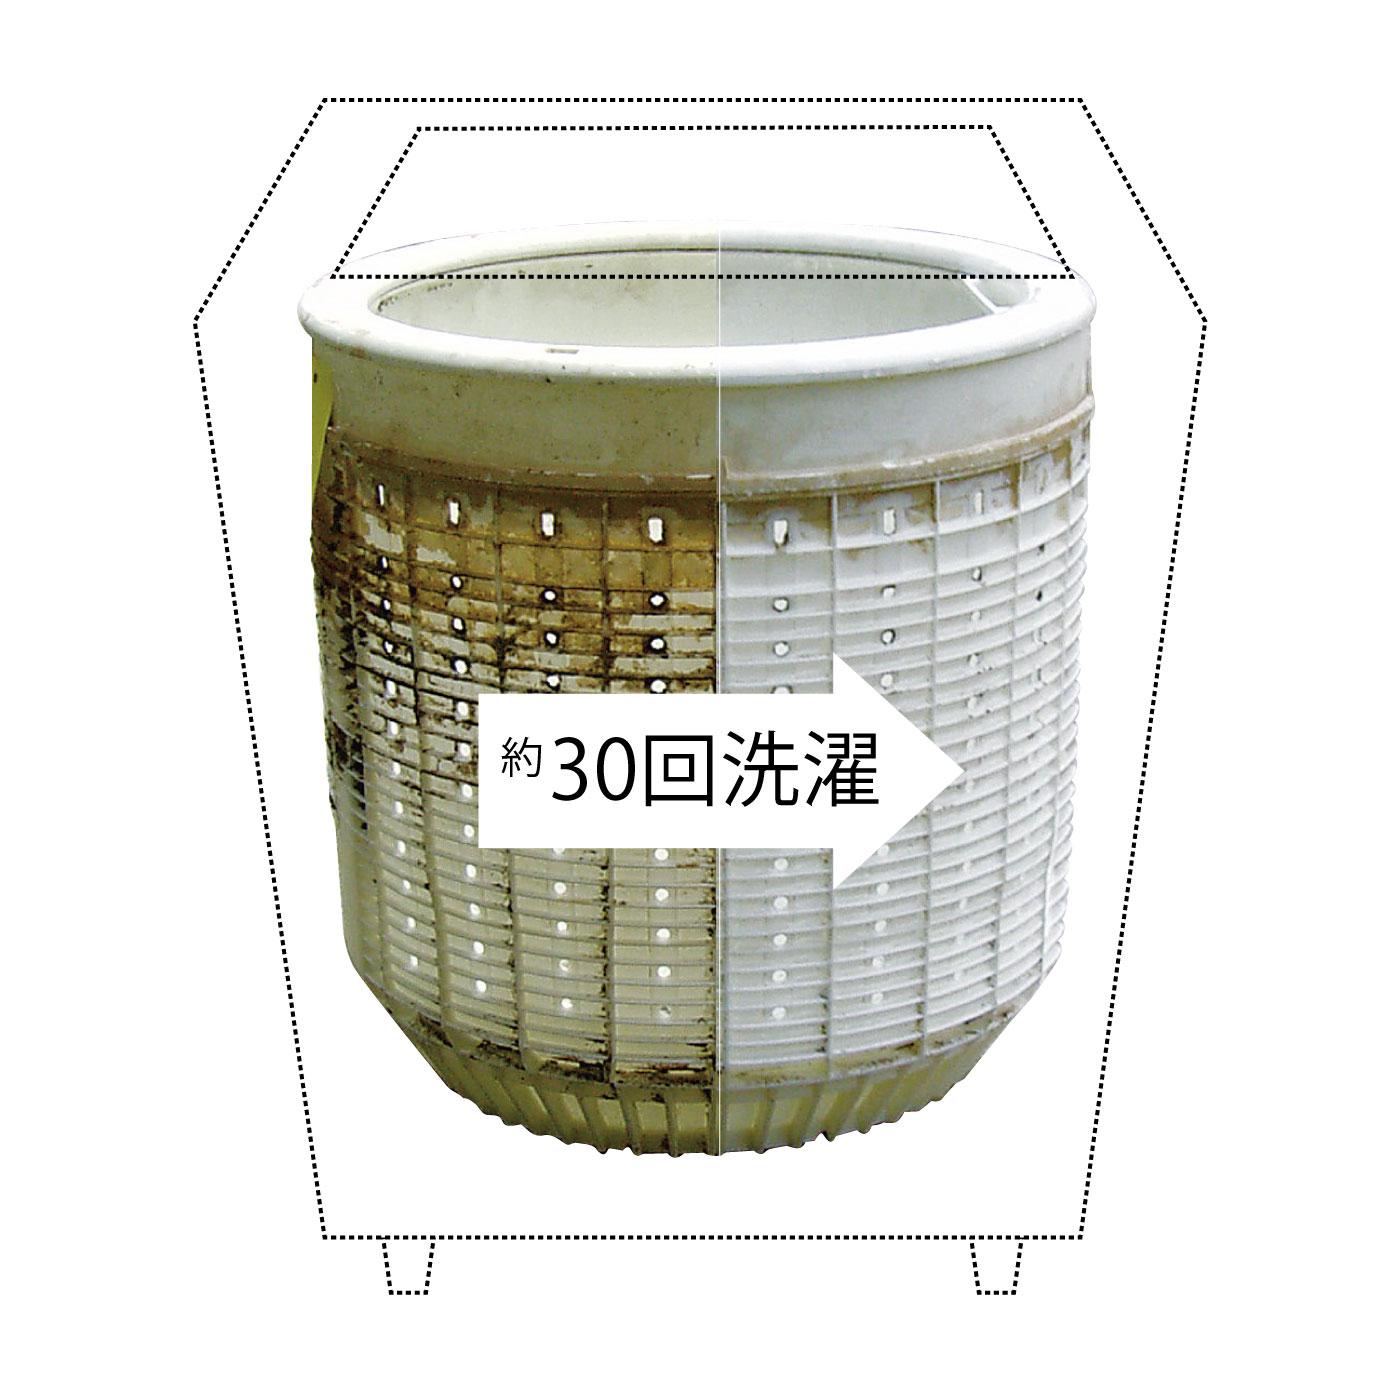 ※使用条件により効果は異なります。(洗濯槽ナチュラルクリーナー使用)